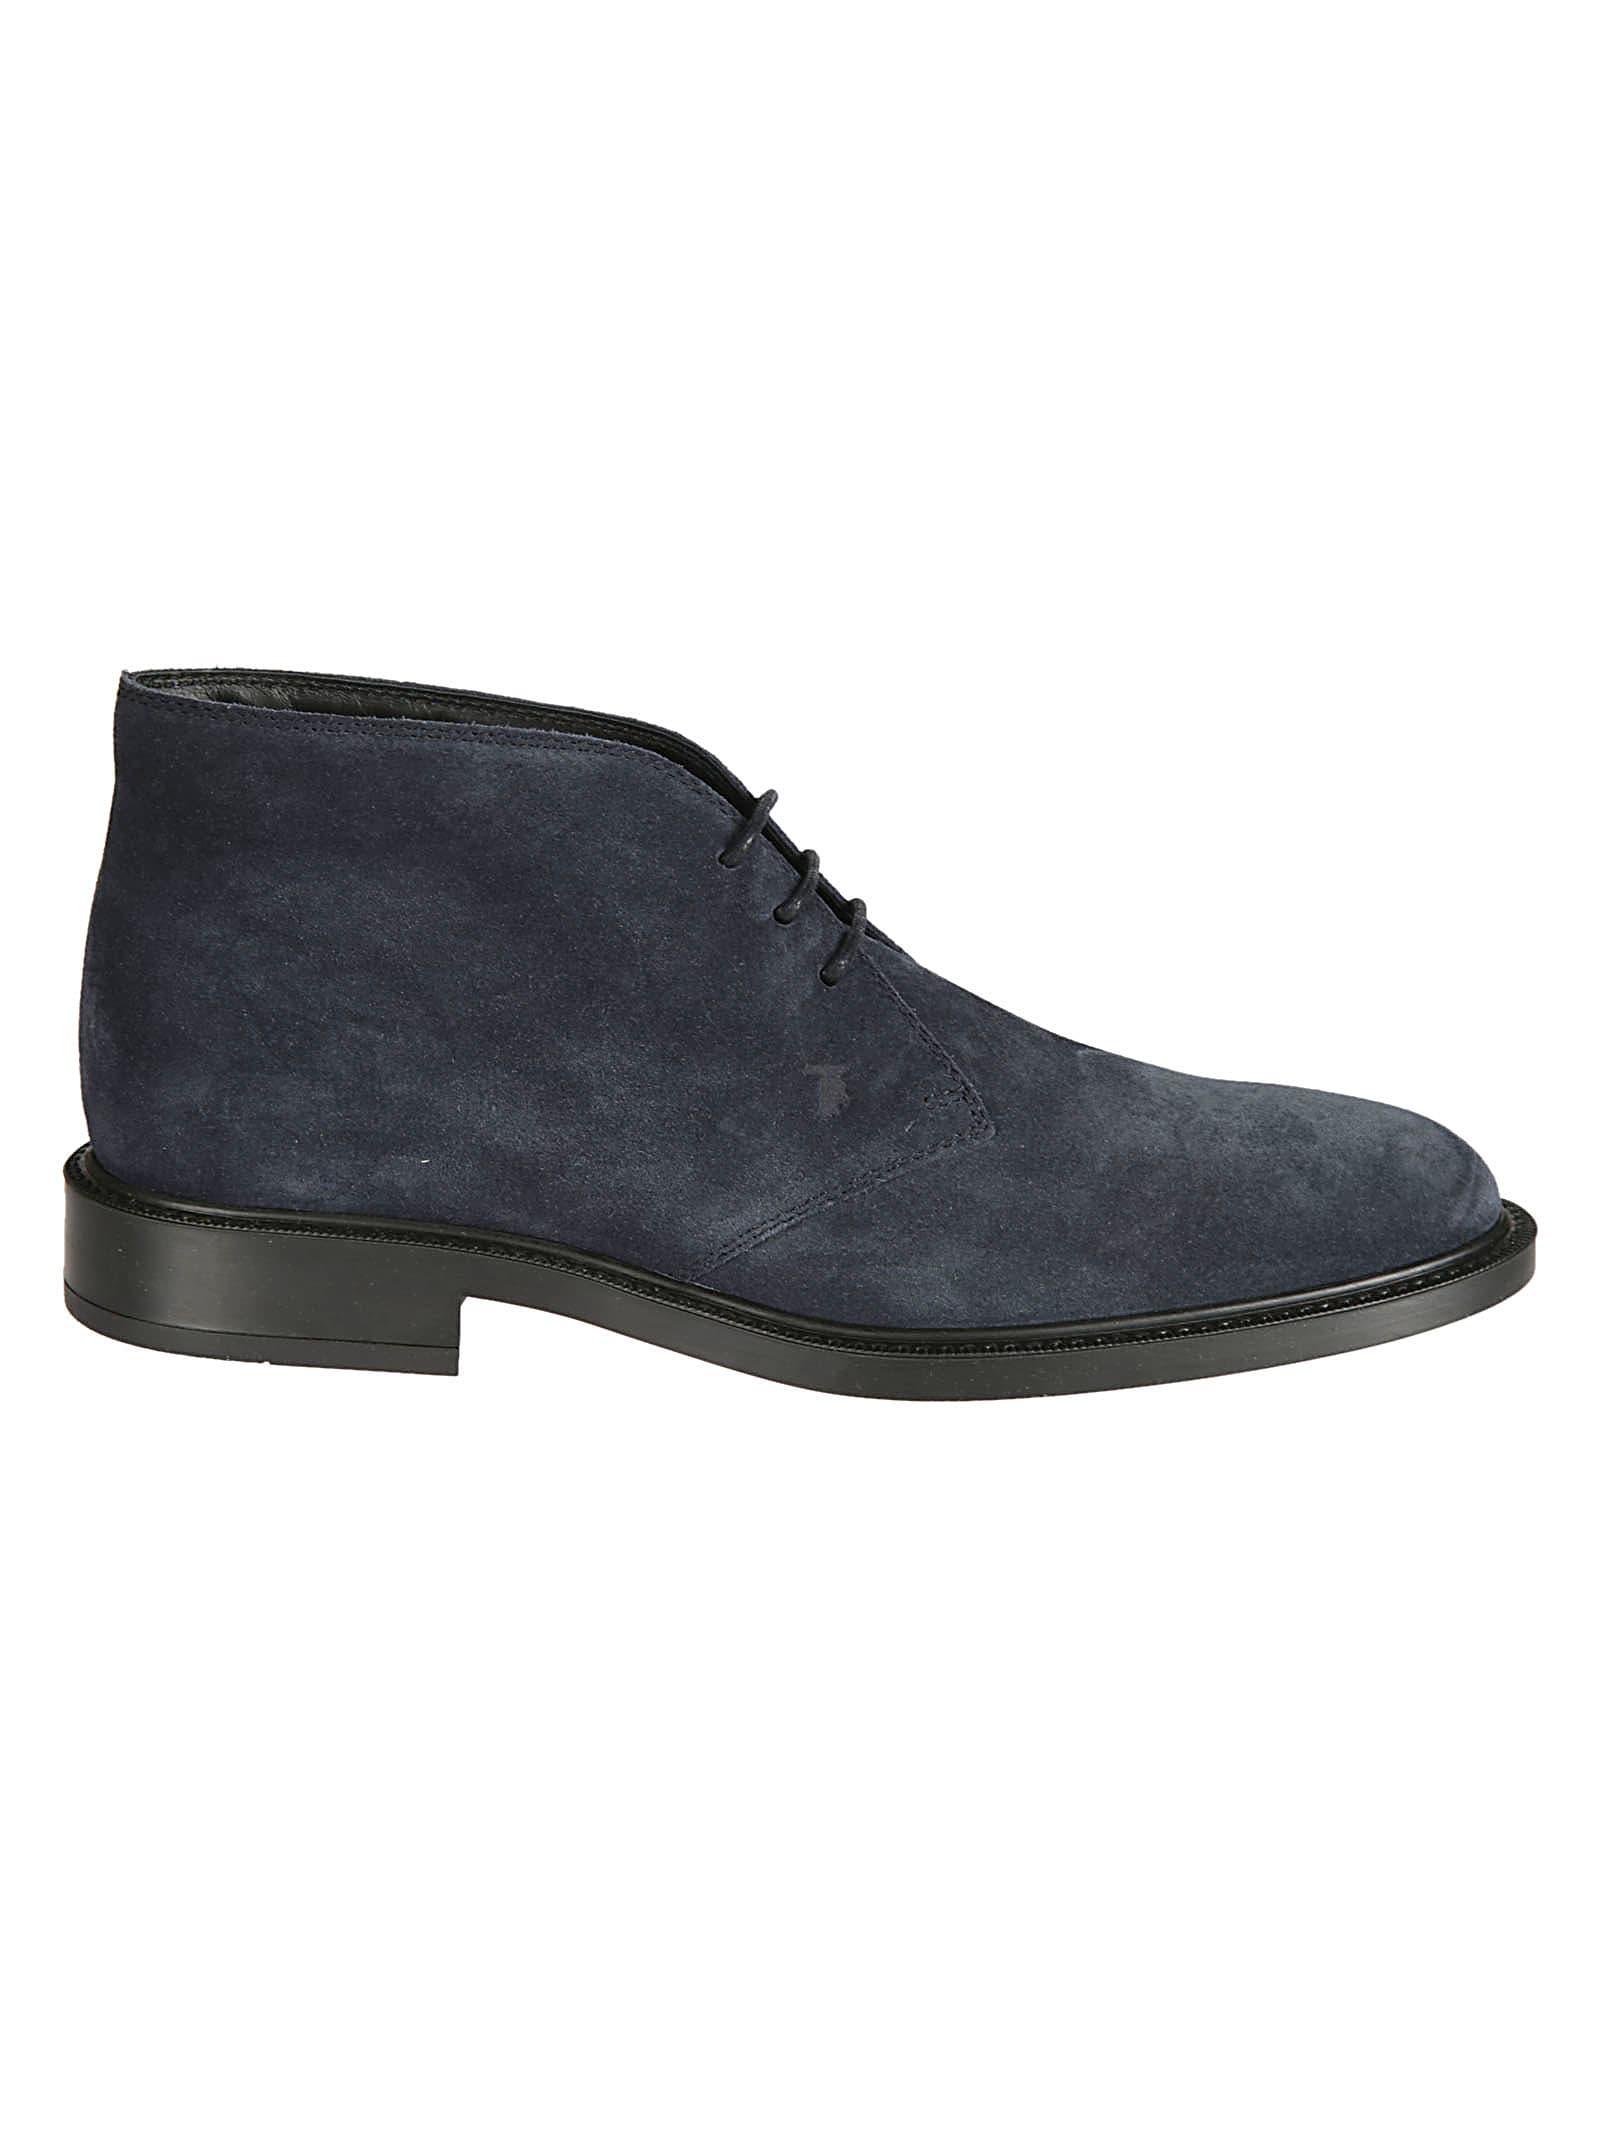 Tods Desert Boots